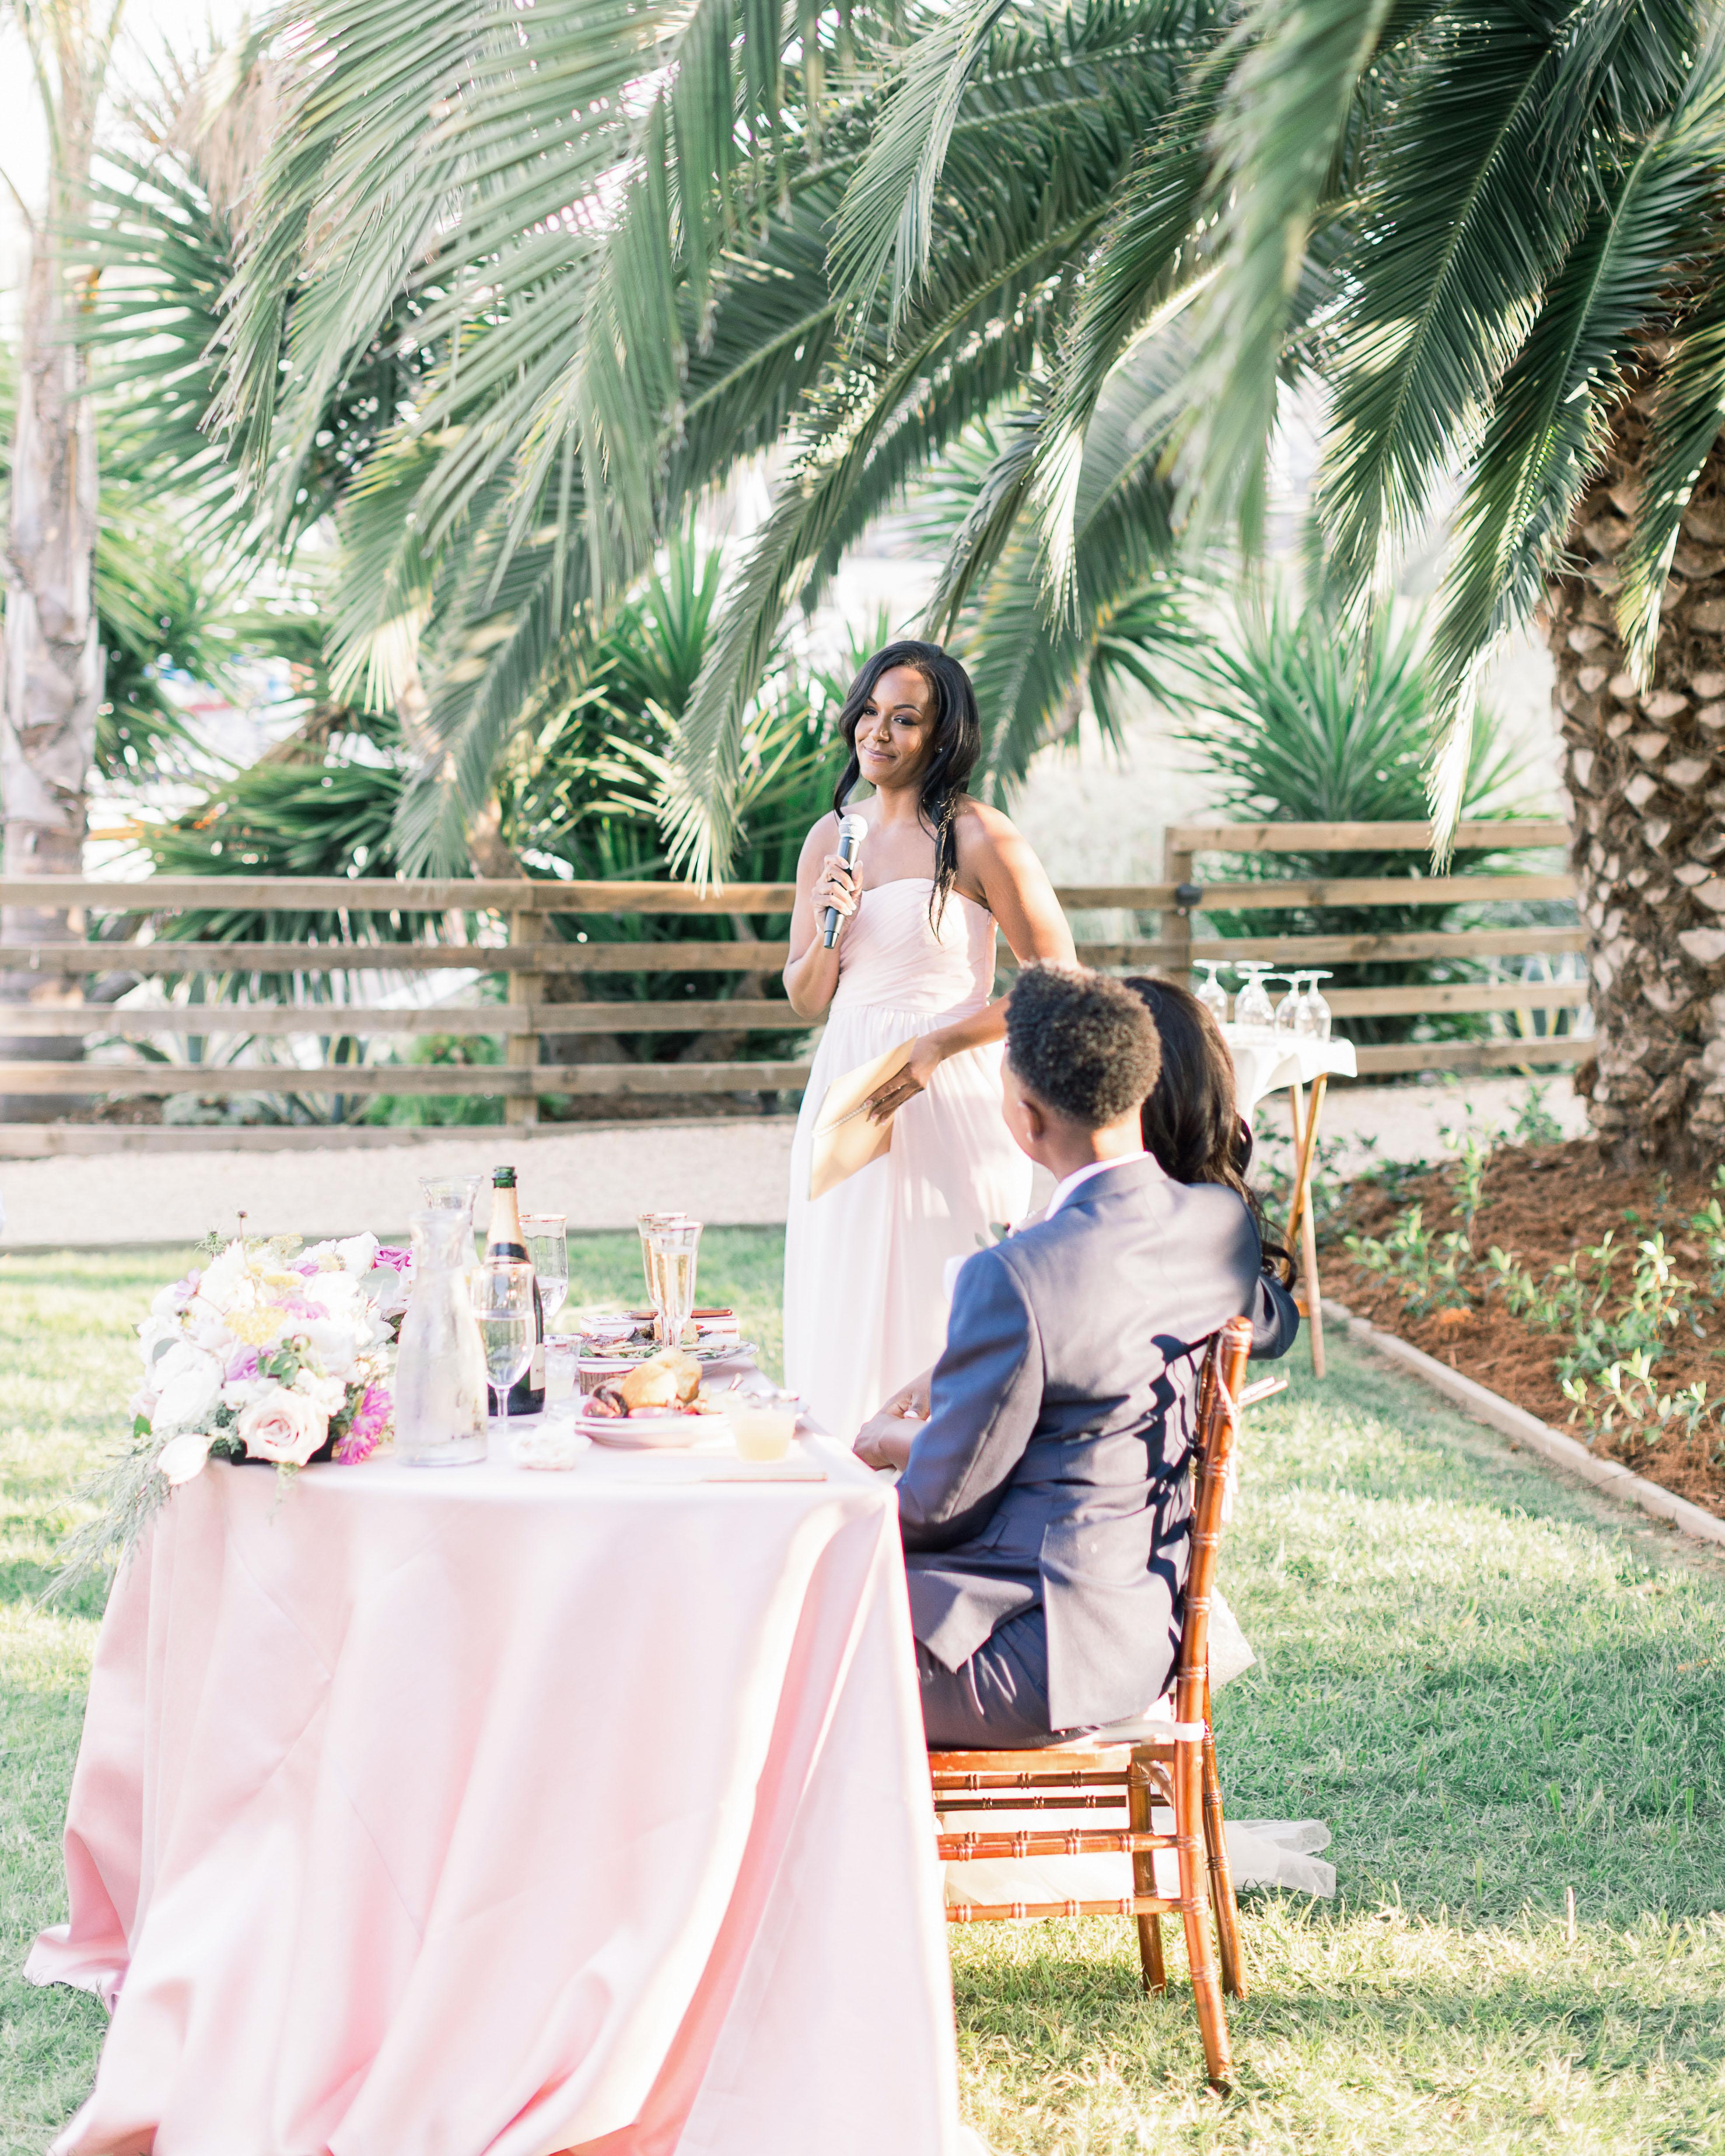 outdoor wedding reception couples table speech